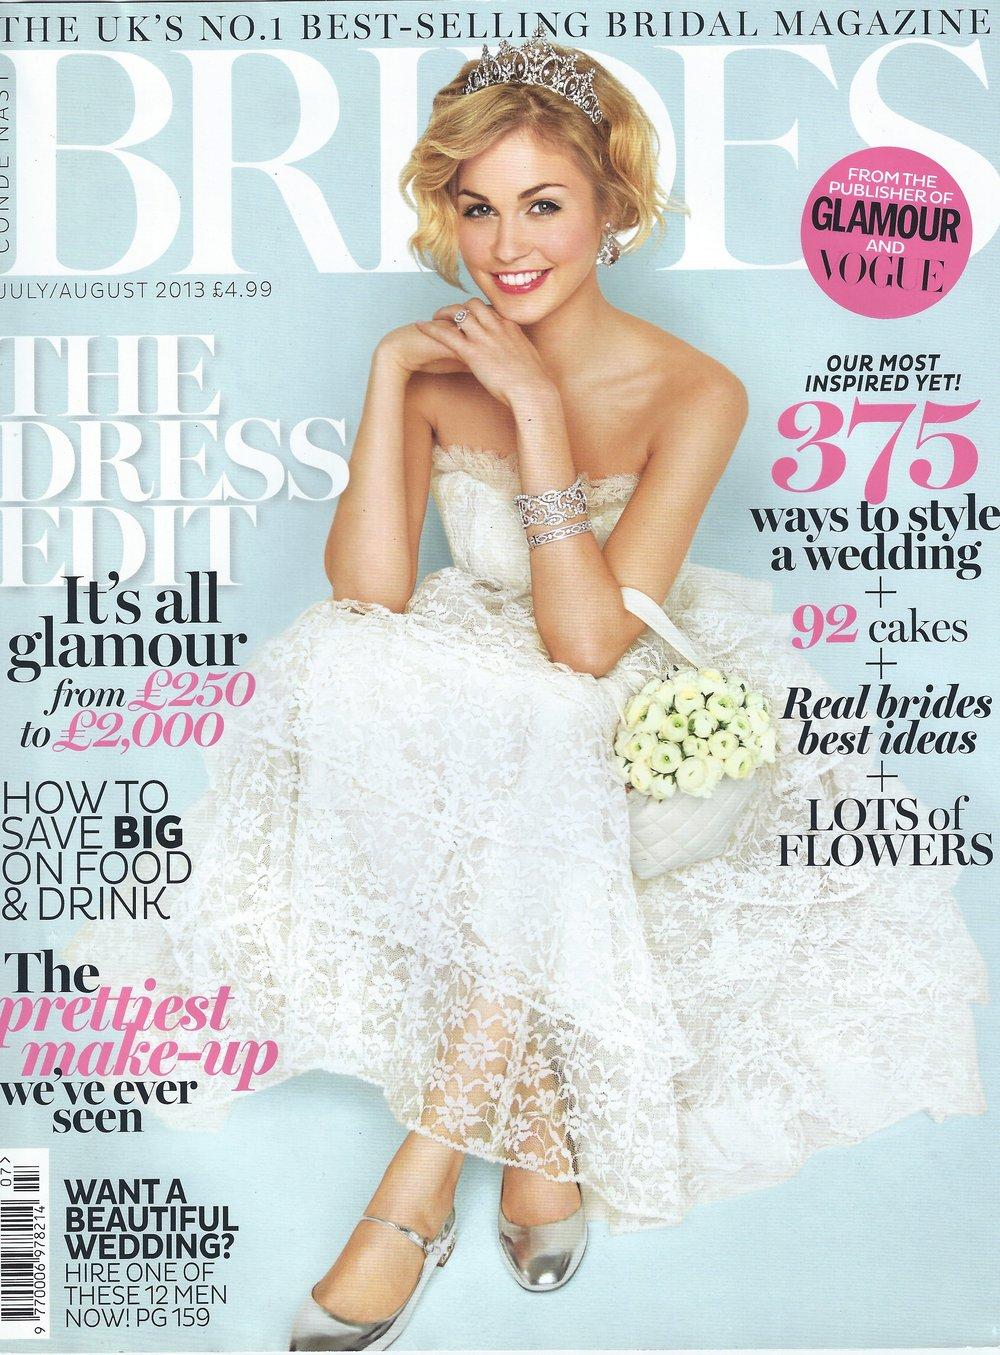 6A BRIDES COVER.JPG